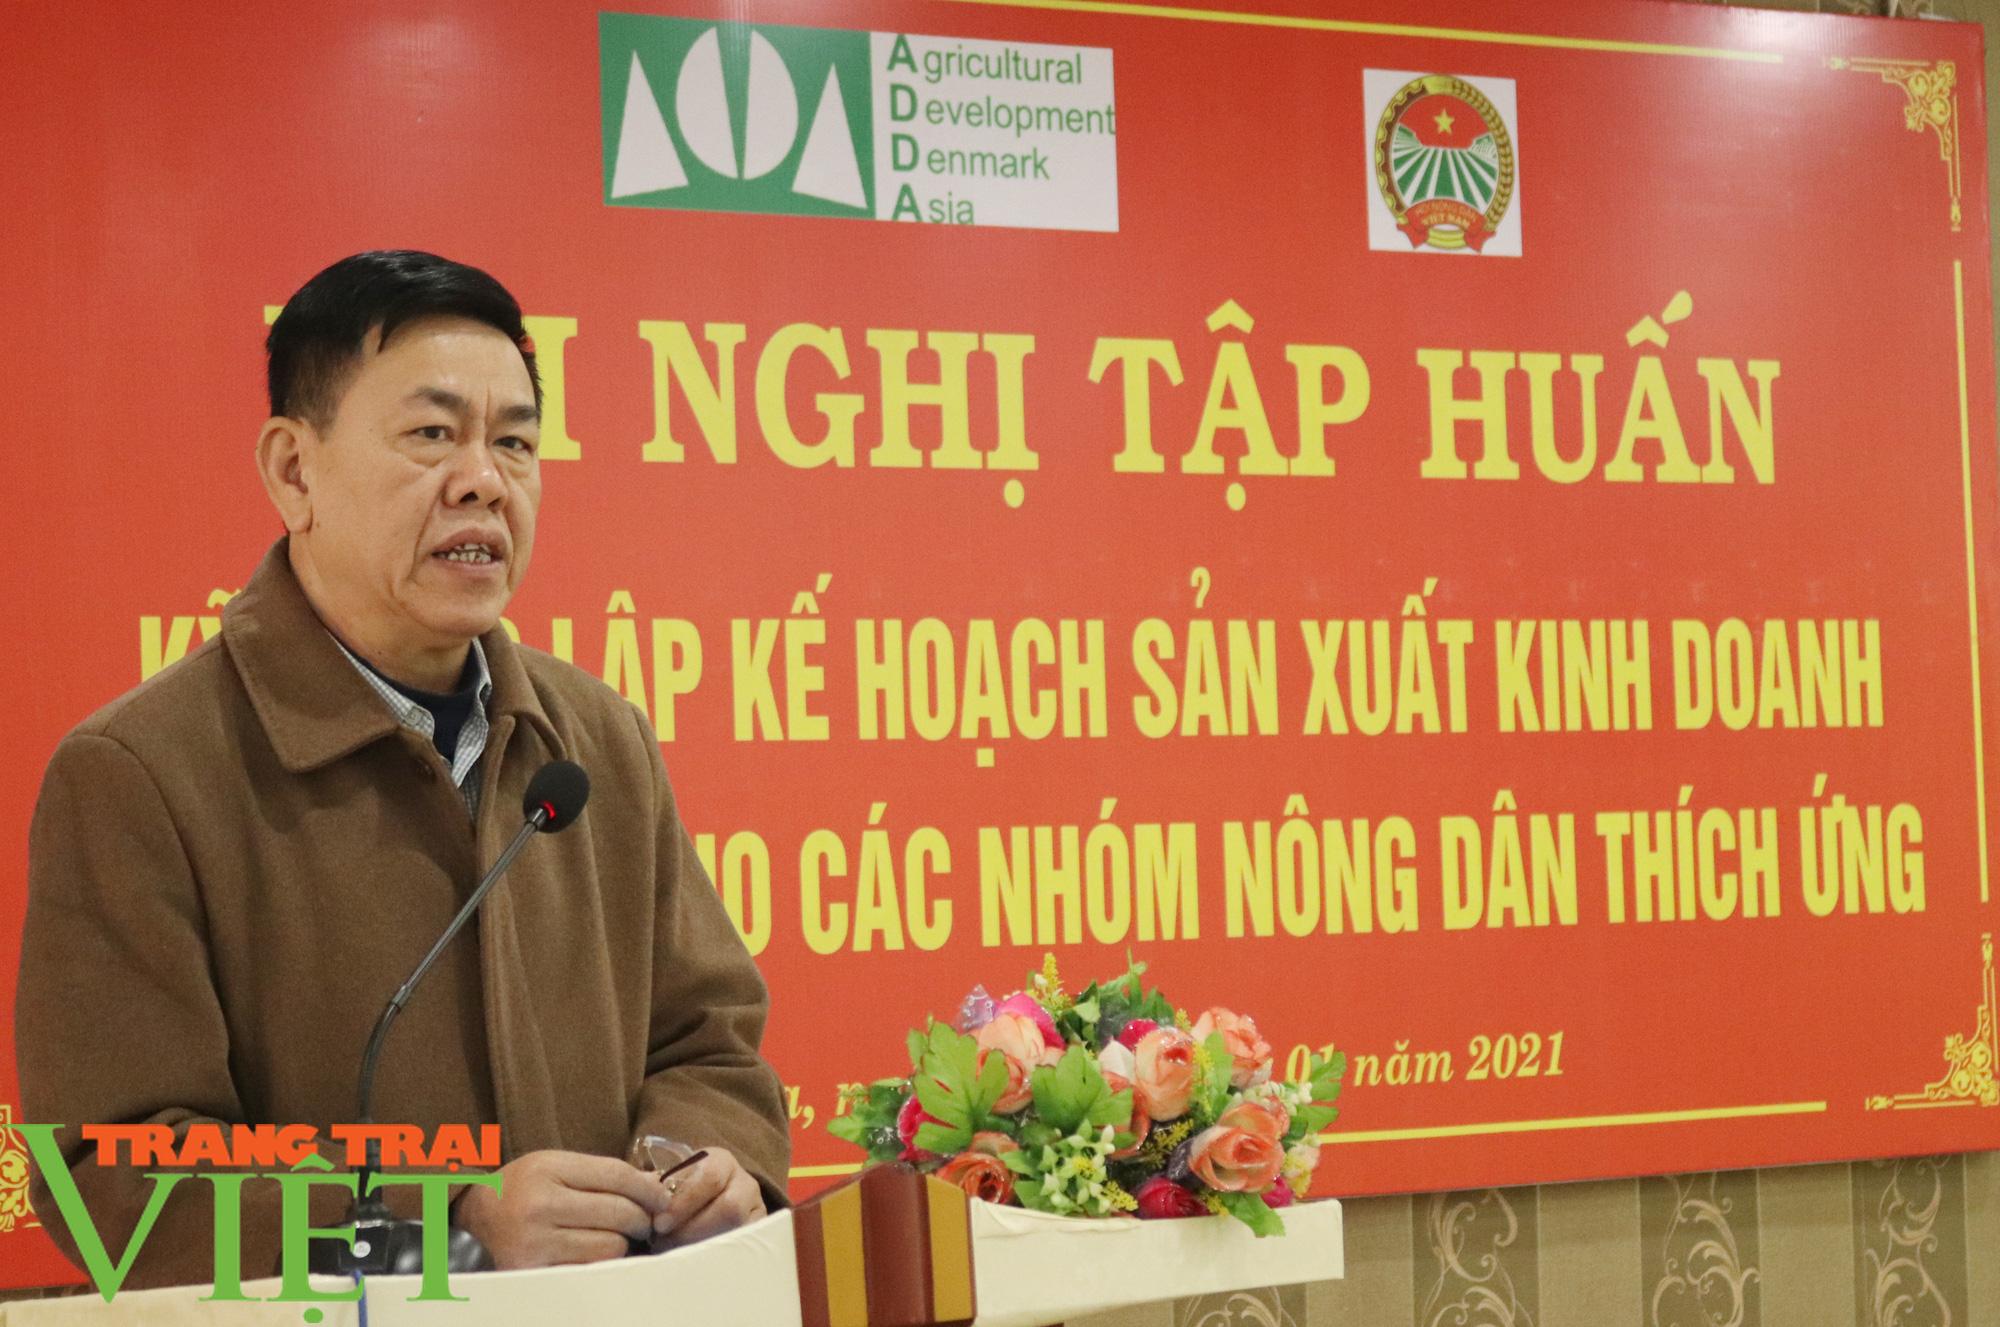 HND Sơn La tập huấn kỹ năng lập kế hoạch sản xuất kinh doanh cho nông dân  - Ảnh 2.